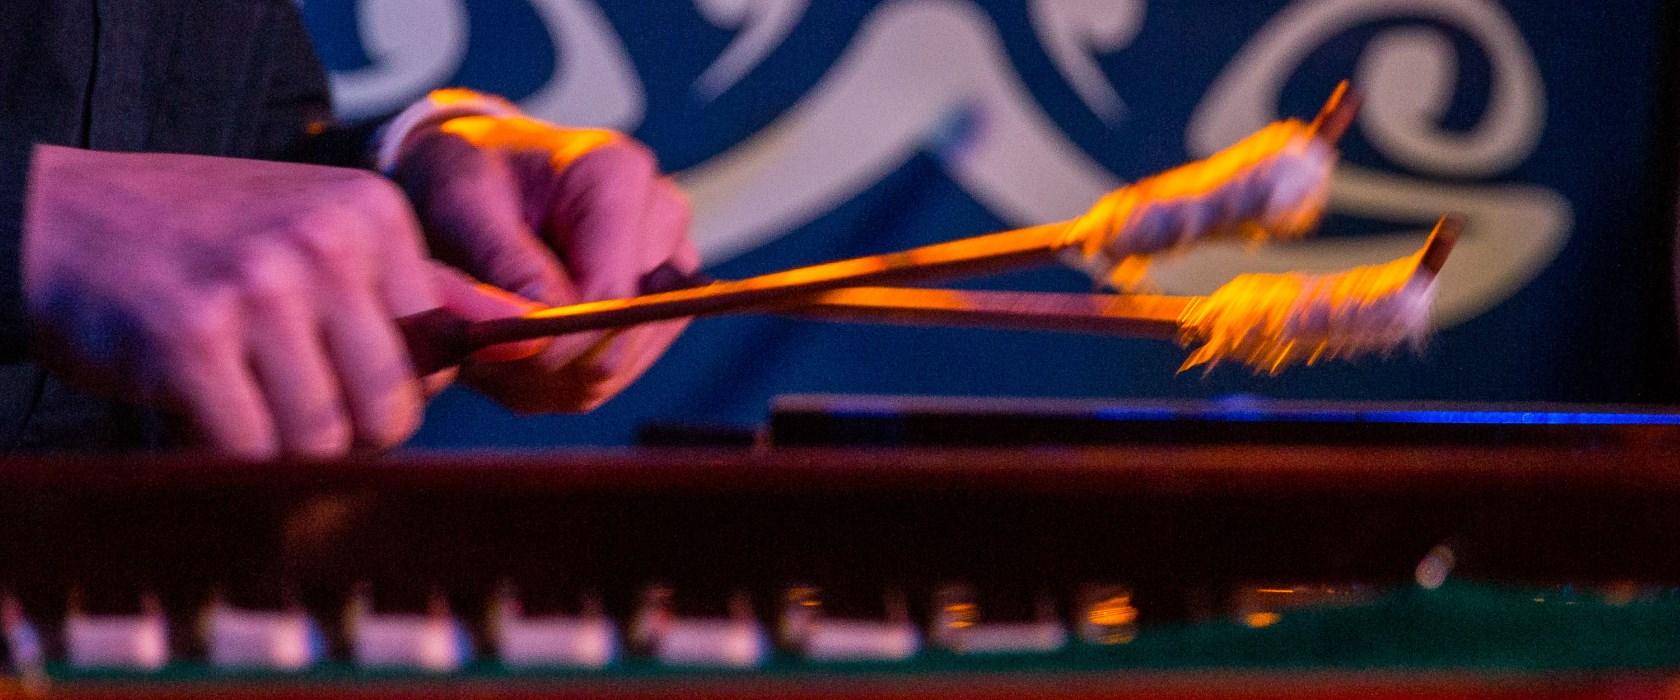 slider Nomaden Nadara & Brentwood Miles-@Peter Putters www.denozem.com-0107 – kopie